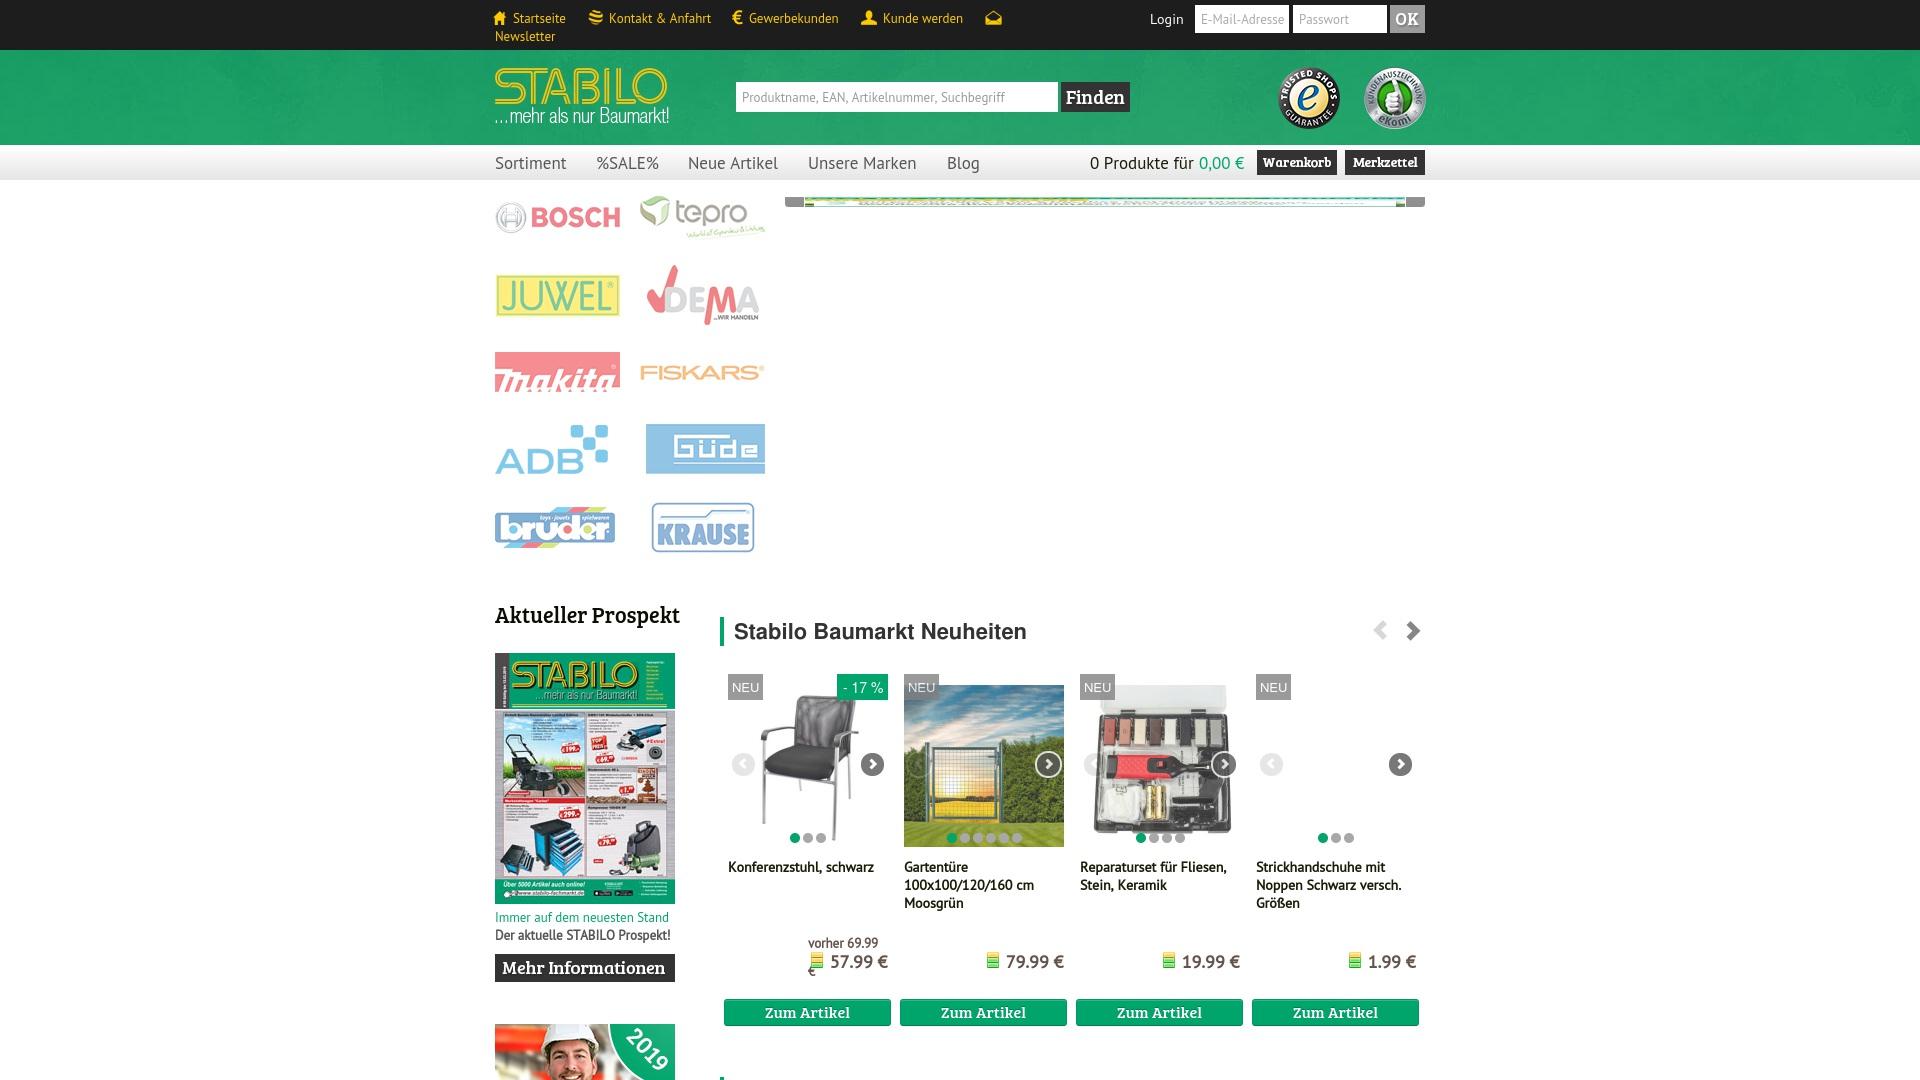 Gutschein für Stabilo-fachmarkt: Rabatte für  Stabilo-fachmarkt sichern